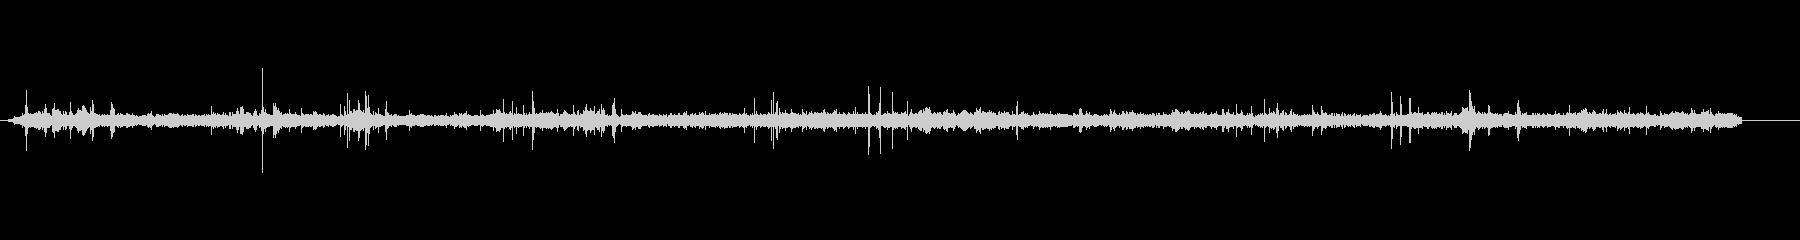 素晴らしい倉庫-声-環境-ショップの未再生の波形